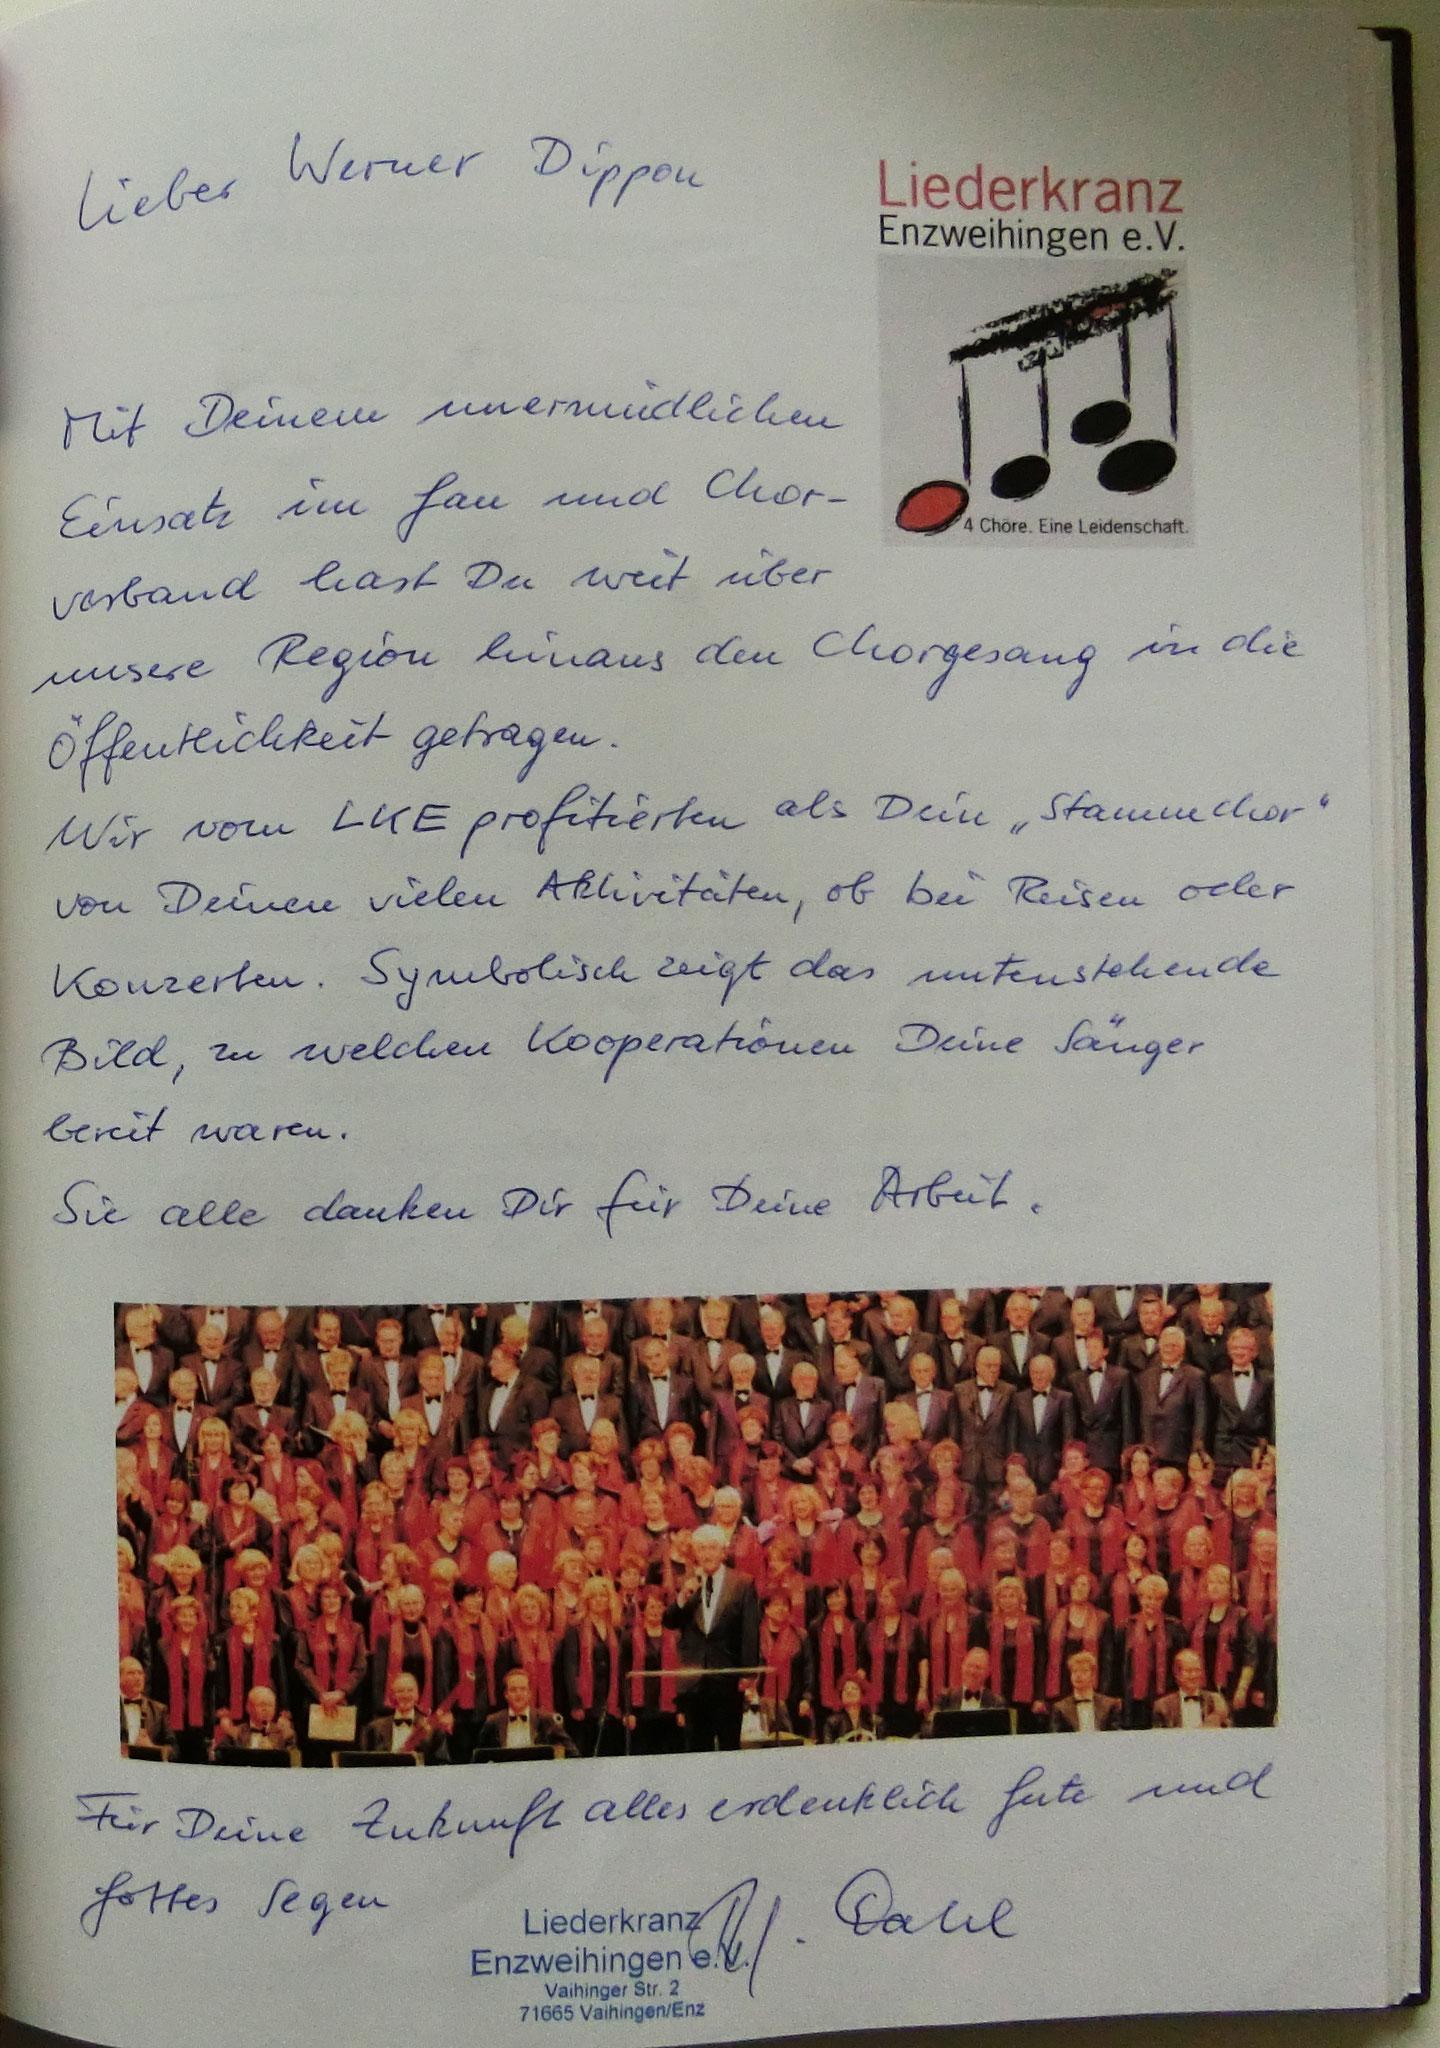 Liederkranz  Enzweihingen